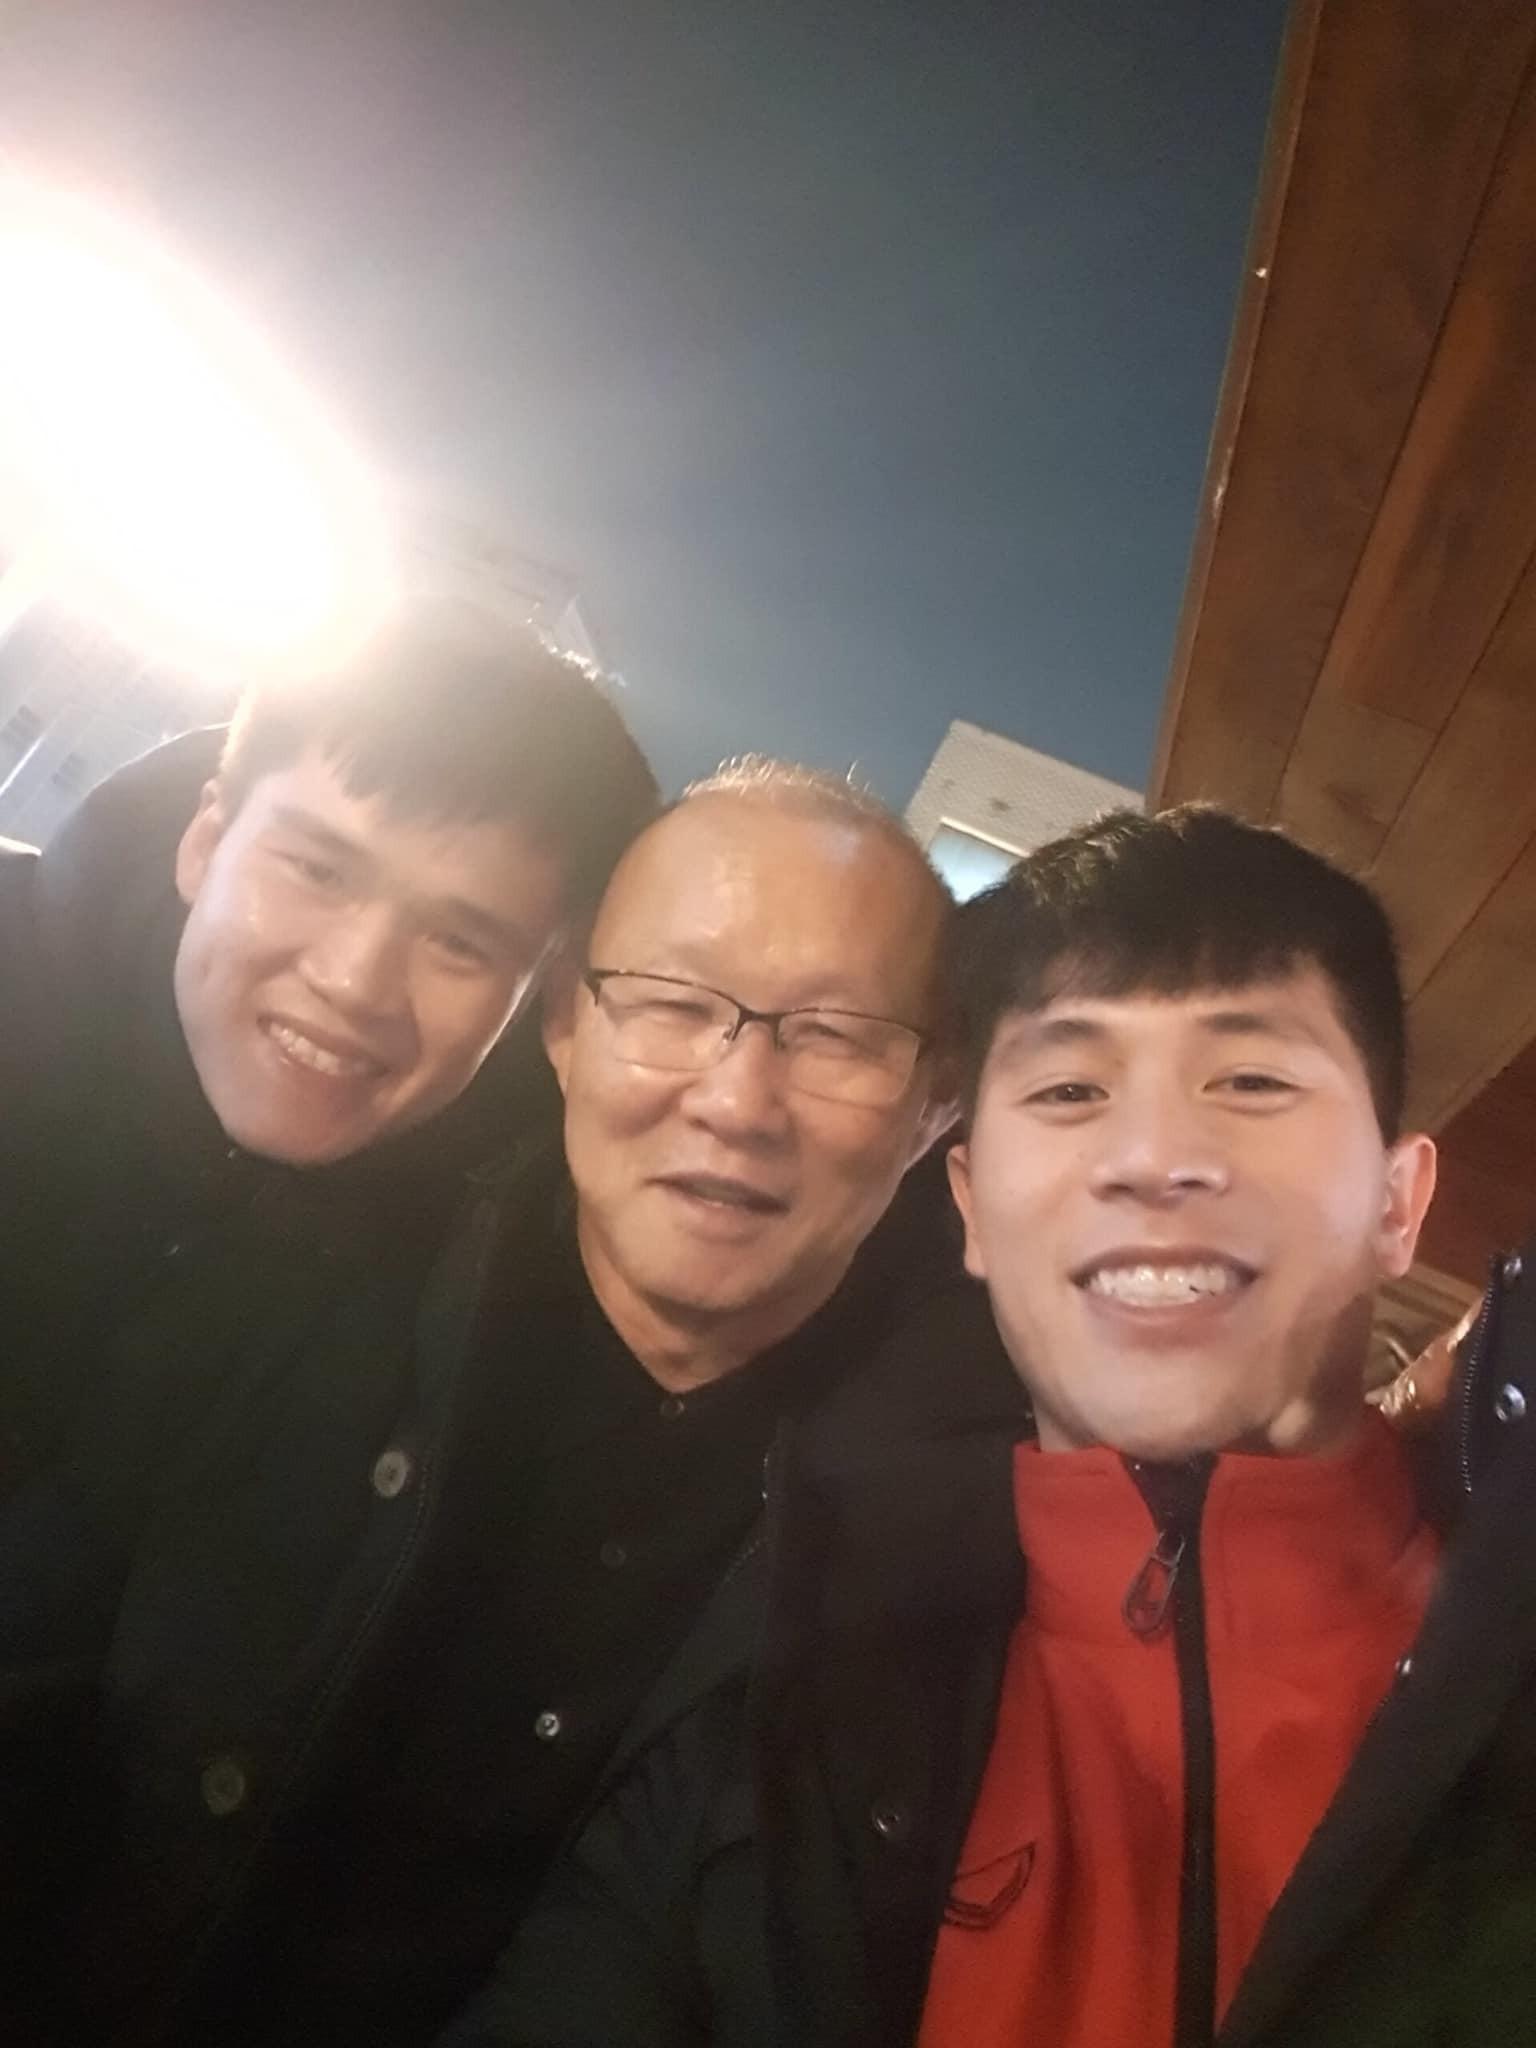 Vừa về tới Hàn Quốc, thầy Park phải chạy ngay tới chỗ học trò bẹo má, khoác vai - Ảnh 2.